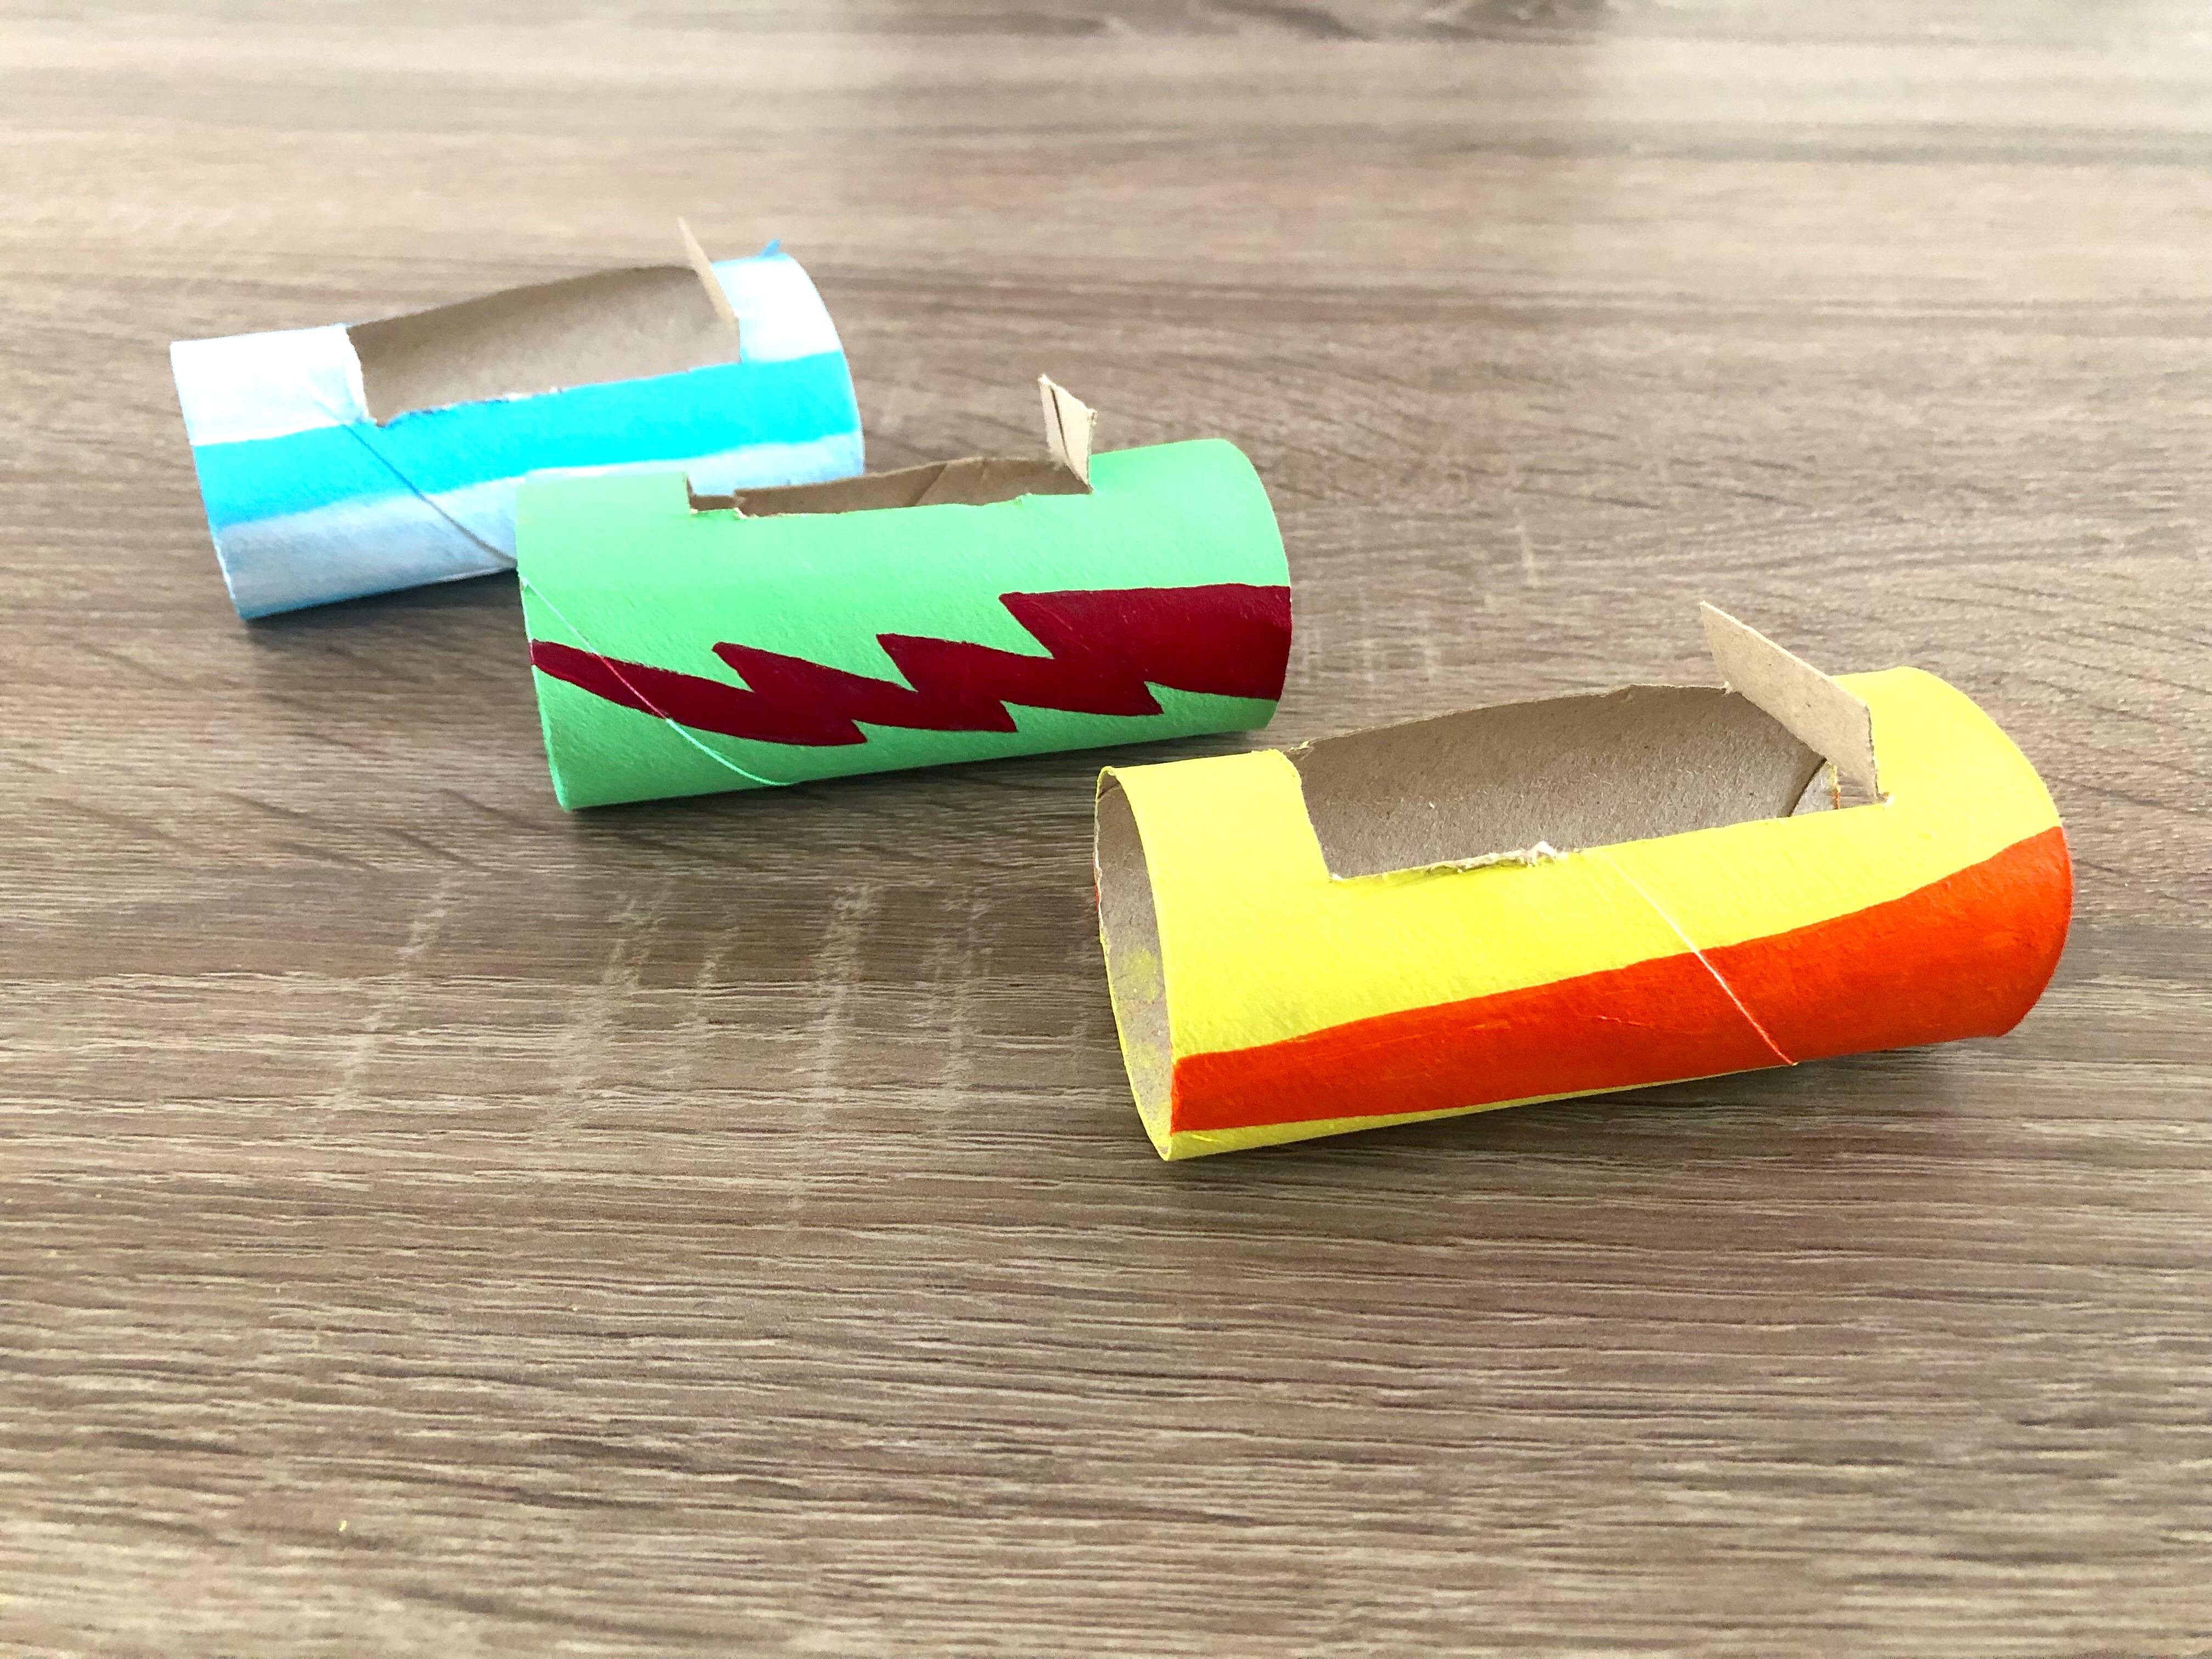 Rollos de papel higiénico pintados